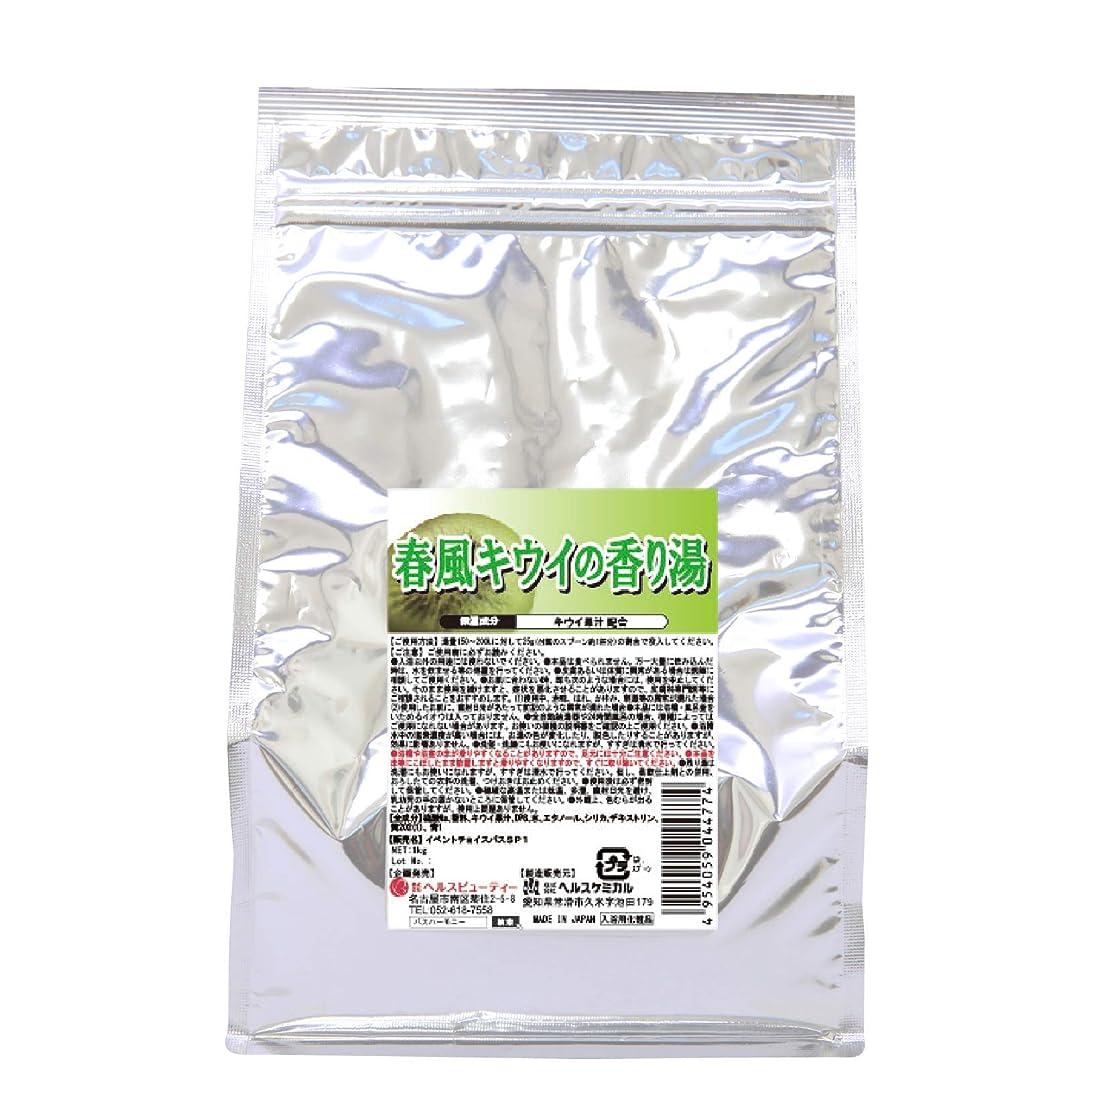 入浴剤 湯匠仕込 春風キウイの香り湯 1kg 50回分 お徳用